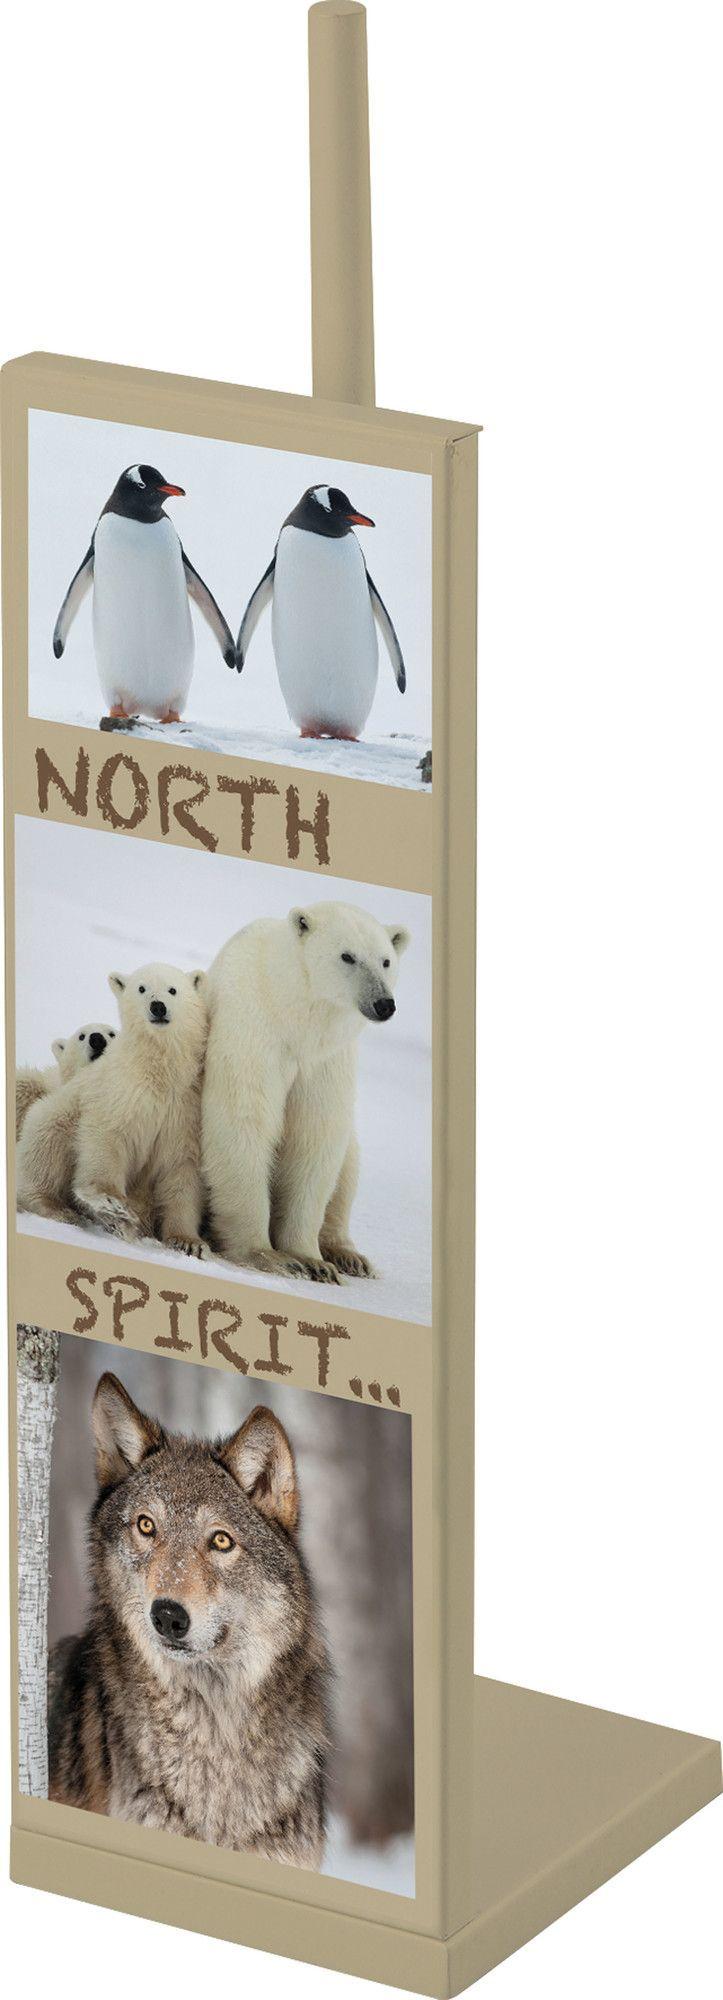 North Spirit Freestanding Toilet Tissue Roll Storage Holder